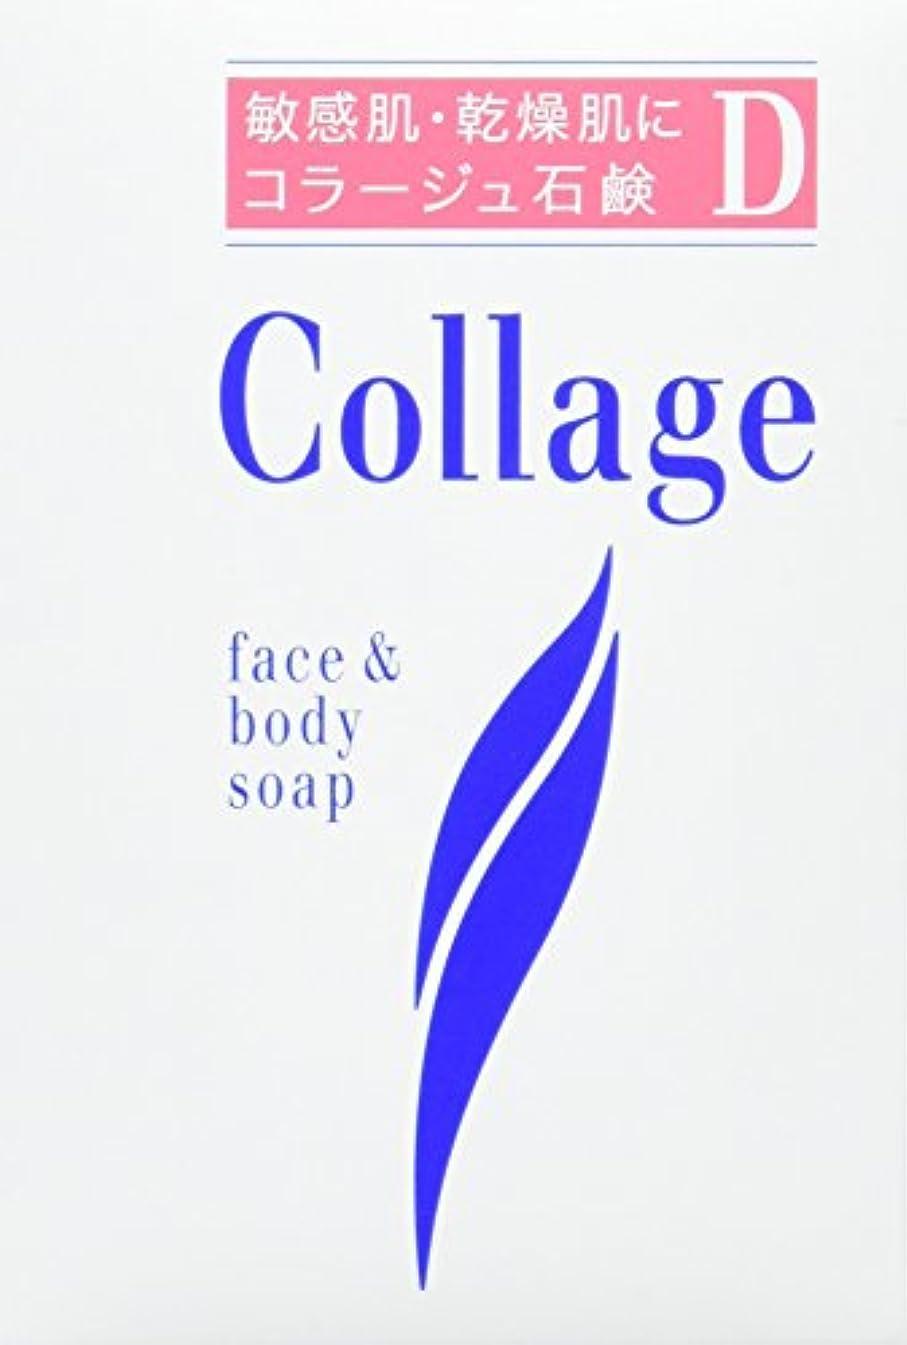 ナースマントル積分コラージュ D乾性肌用石鹸 100g